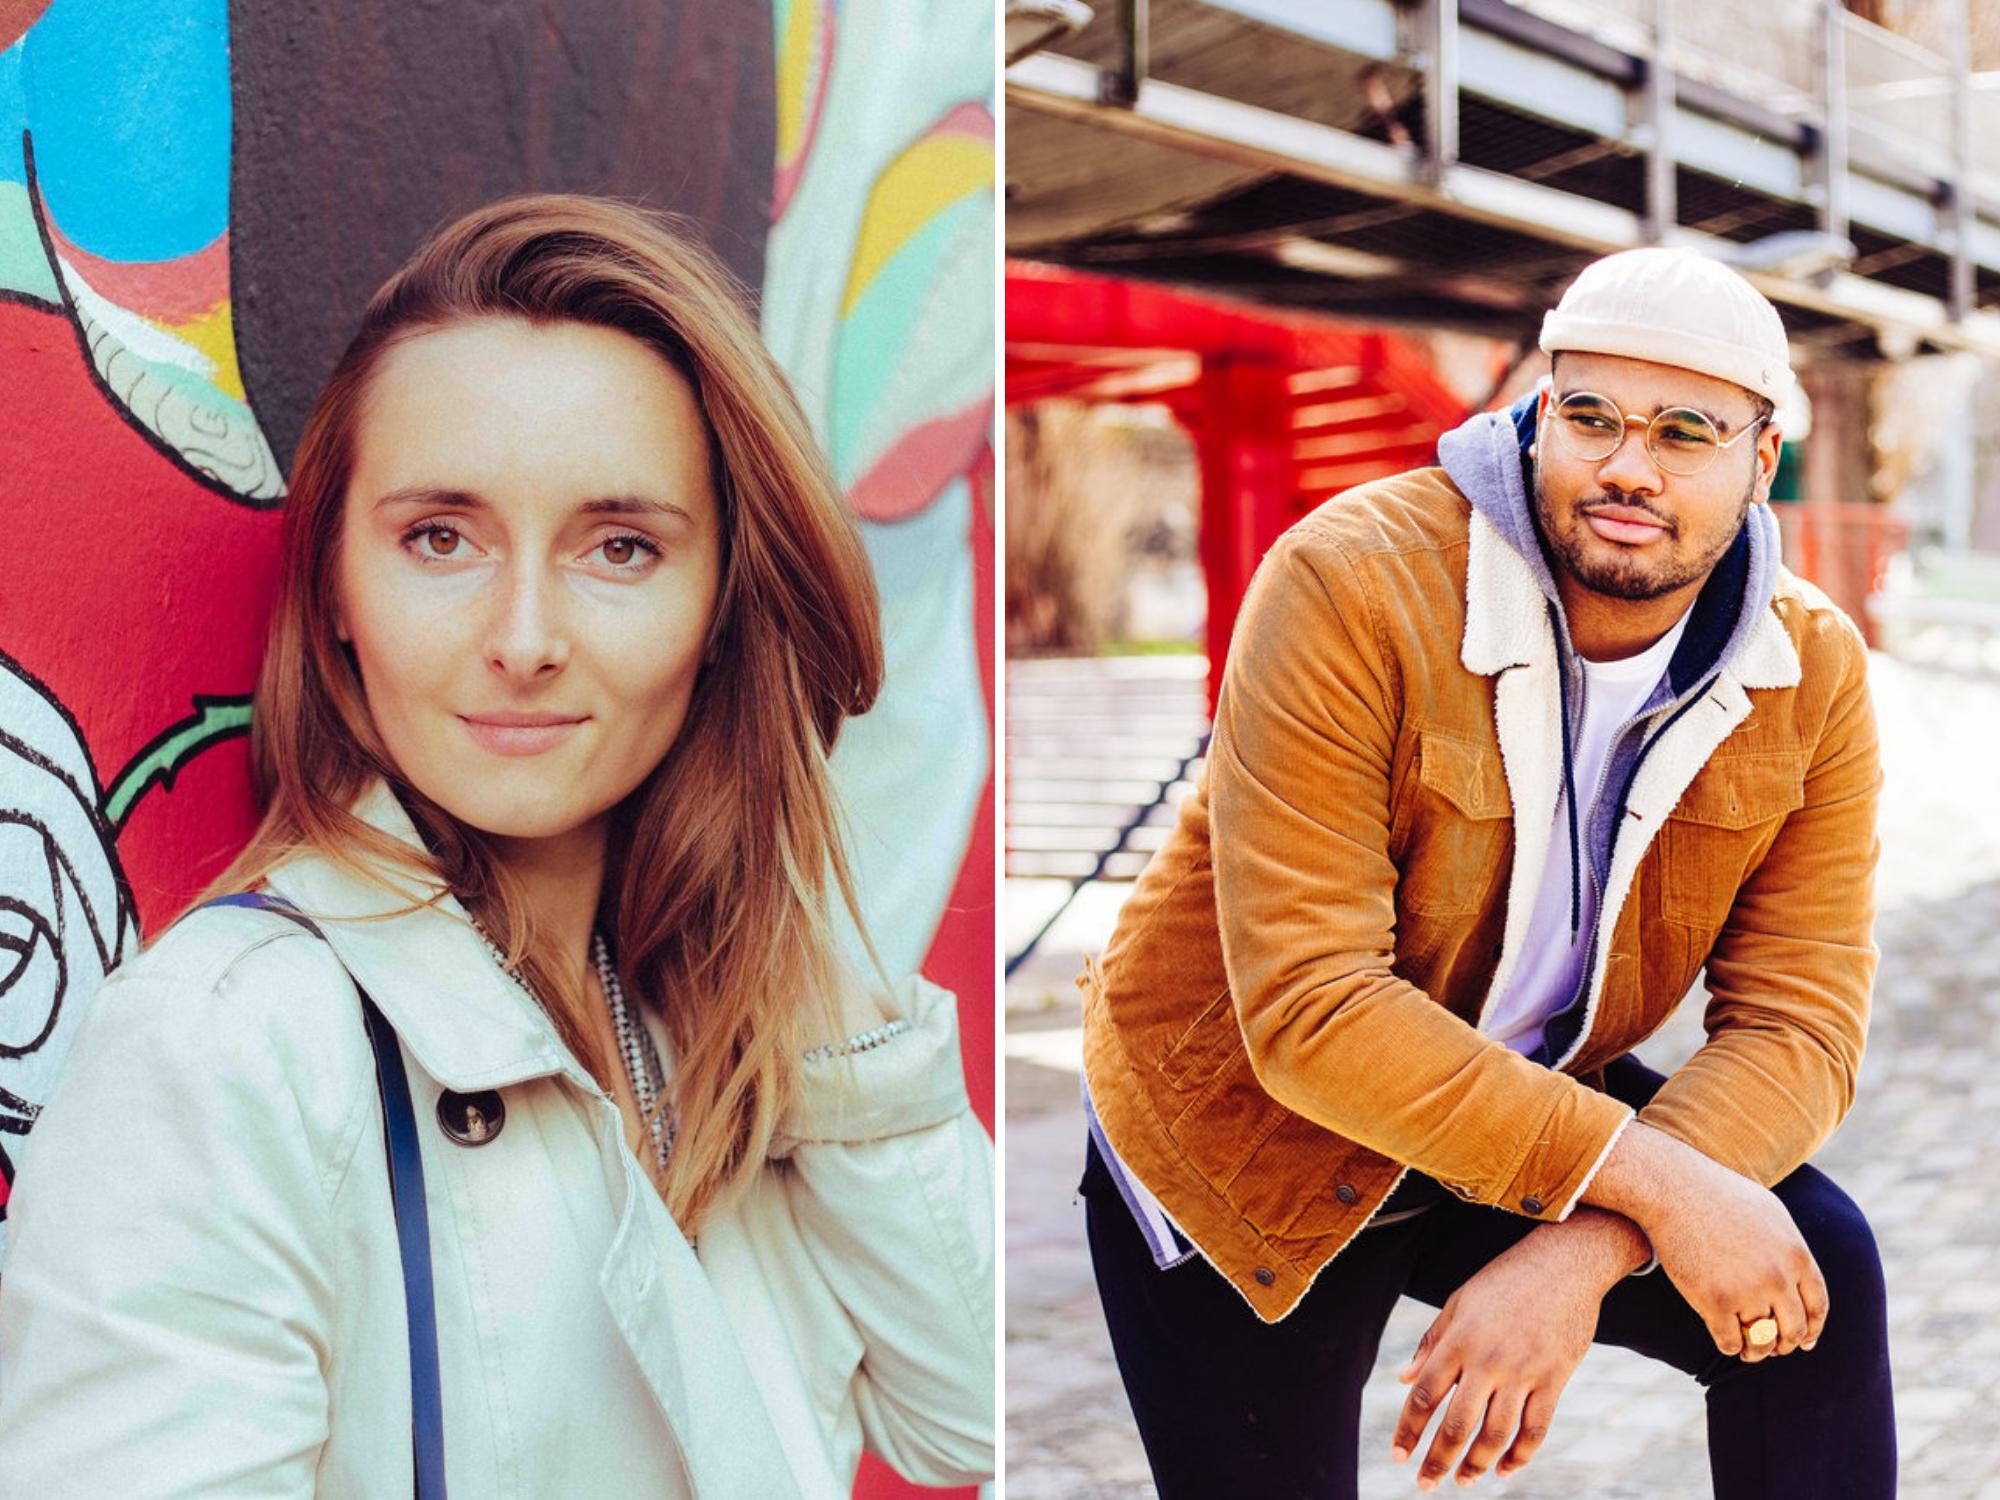 Une belle photo de profil fait toute la différence - Votre séance photo dating offerte dans 18 villes en France. Laissez-vous guider par un photographe professionnel.